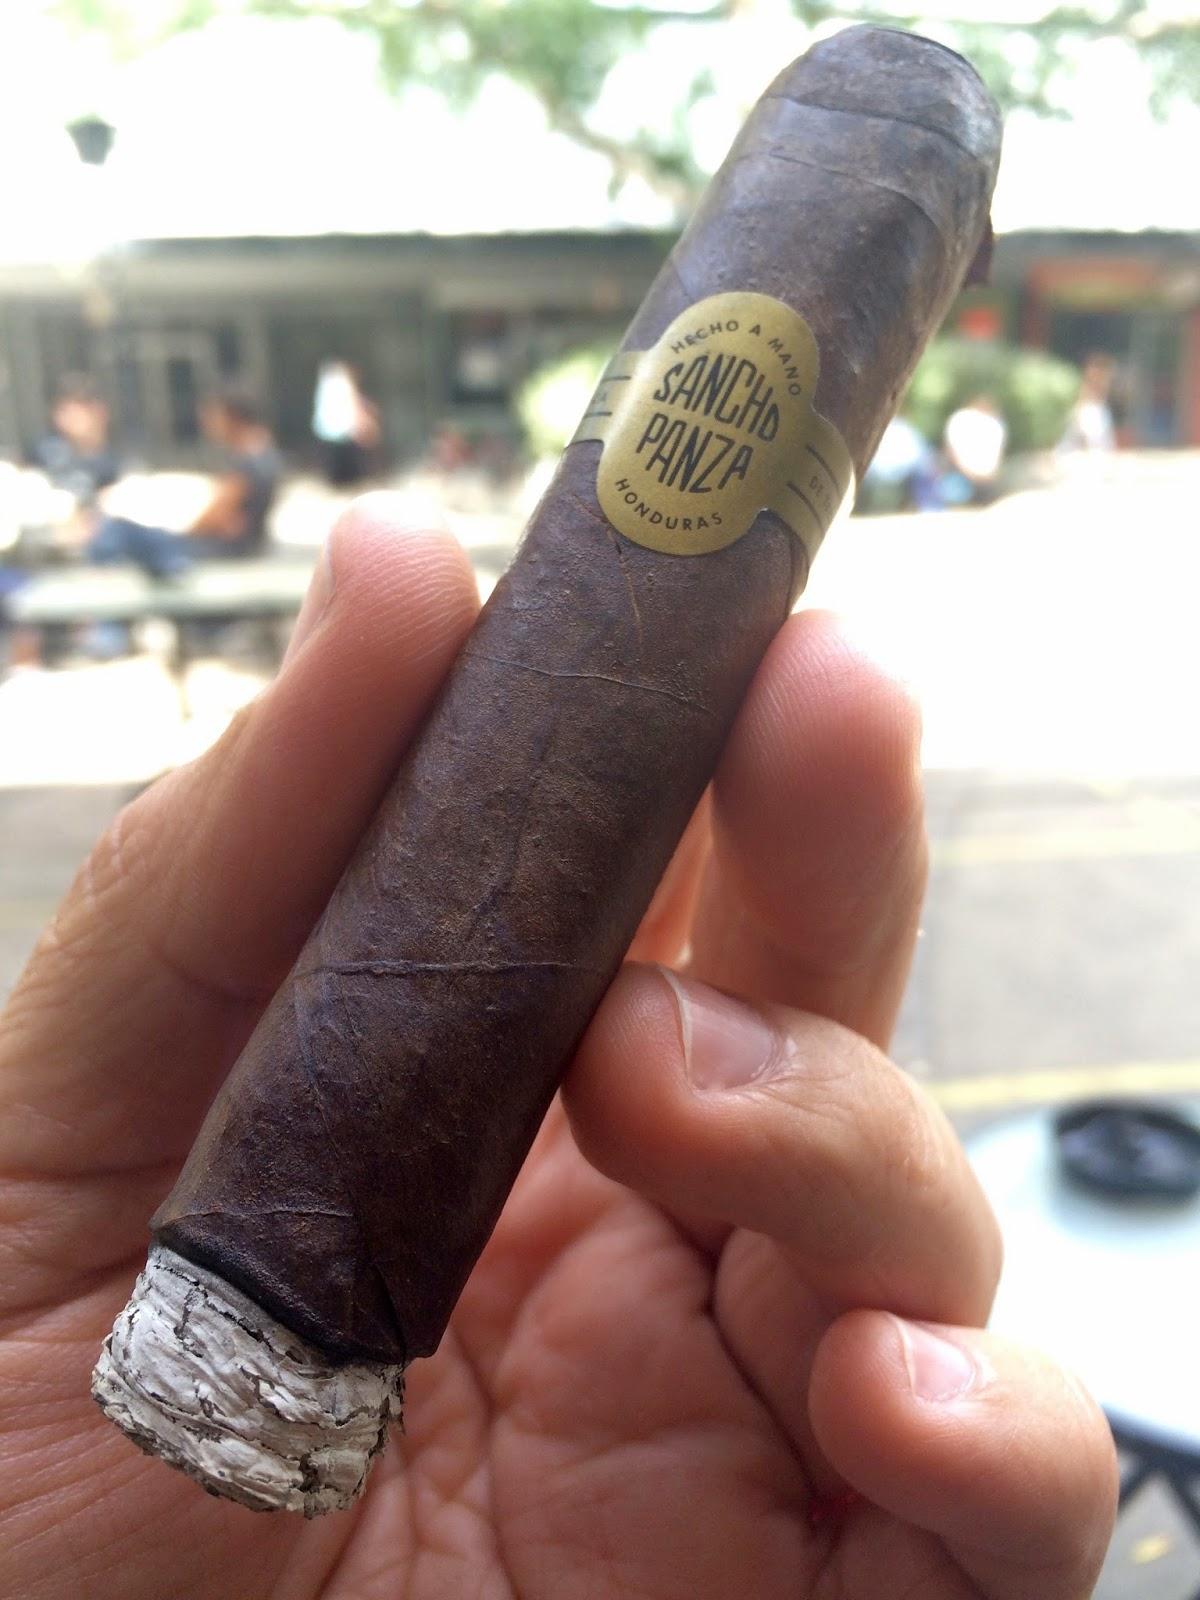 Sancho Panza Quixote cigar